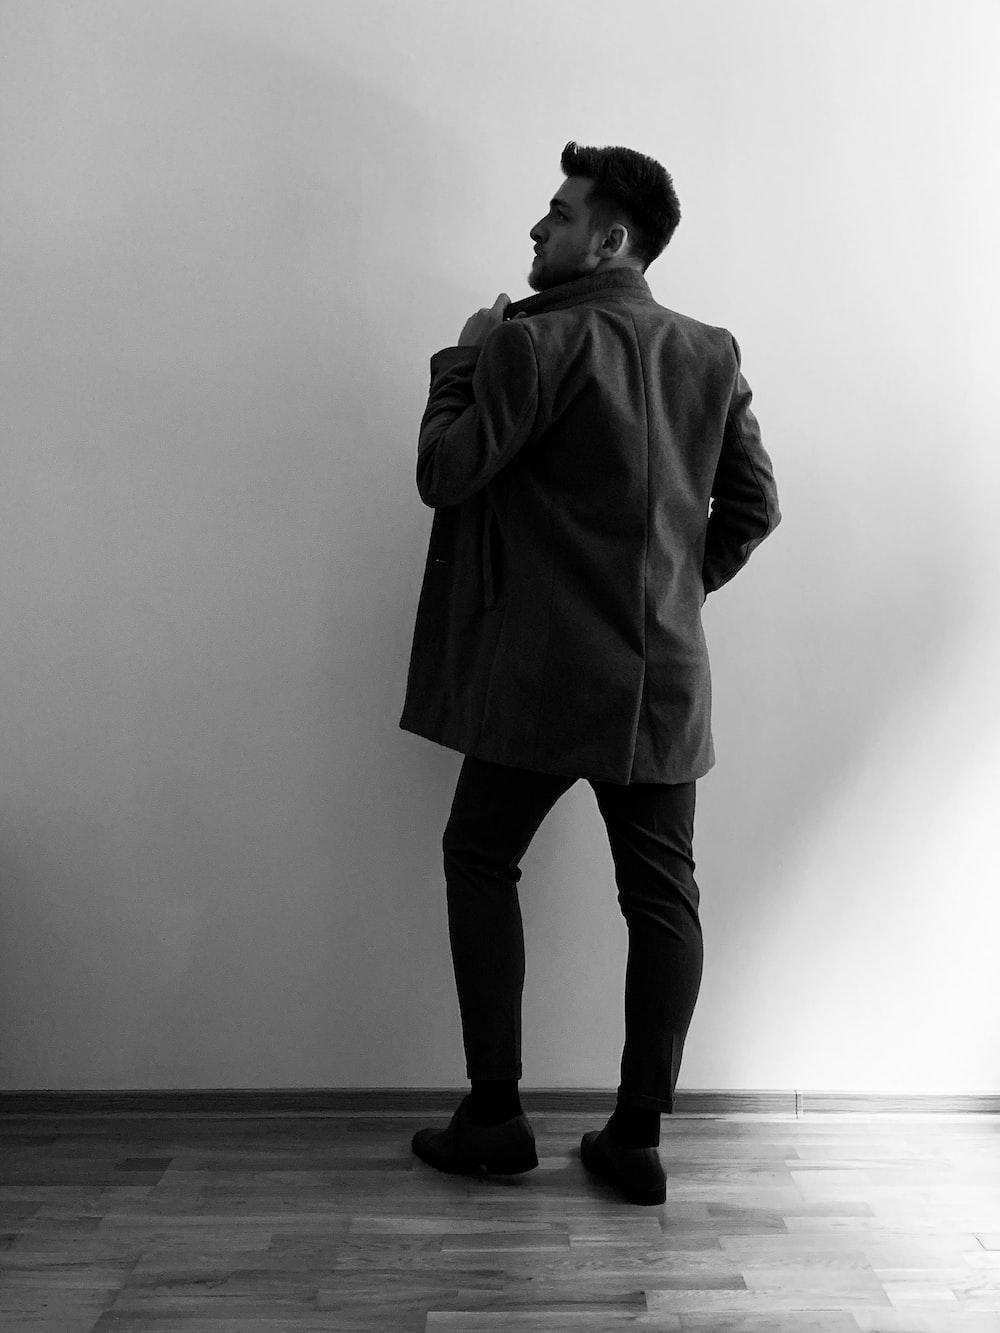 man standing beside wall wearing jacket